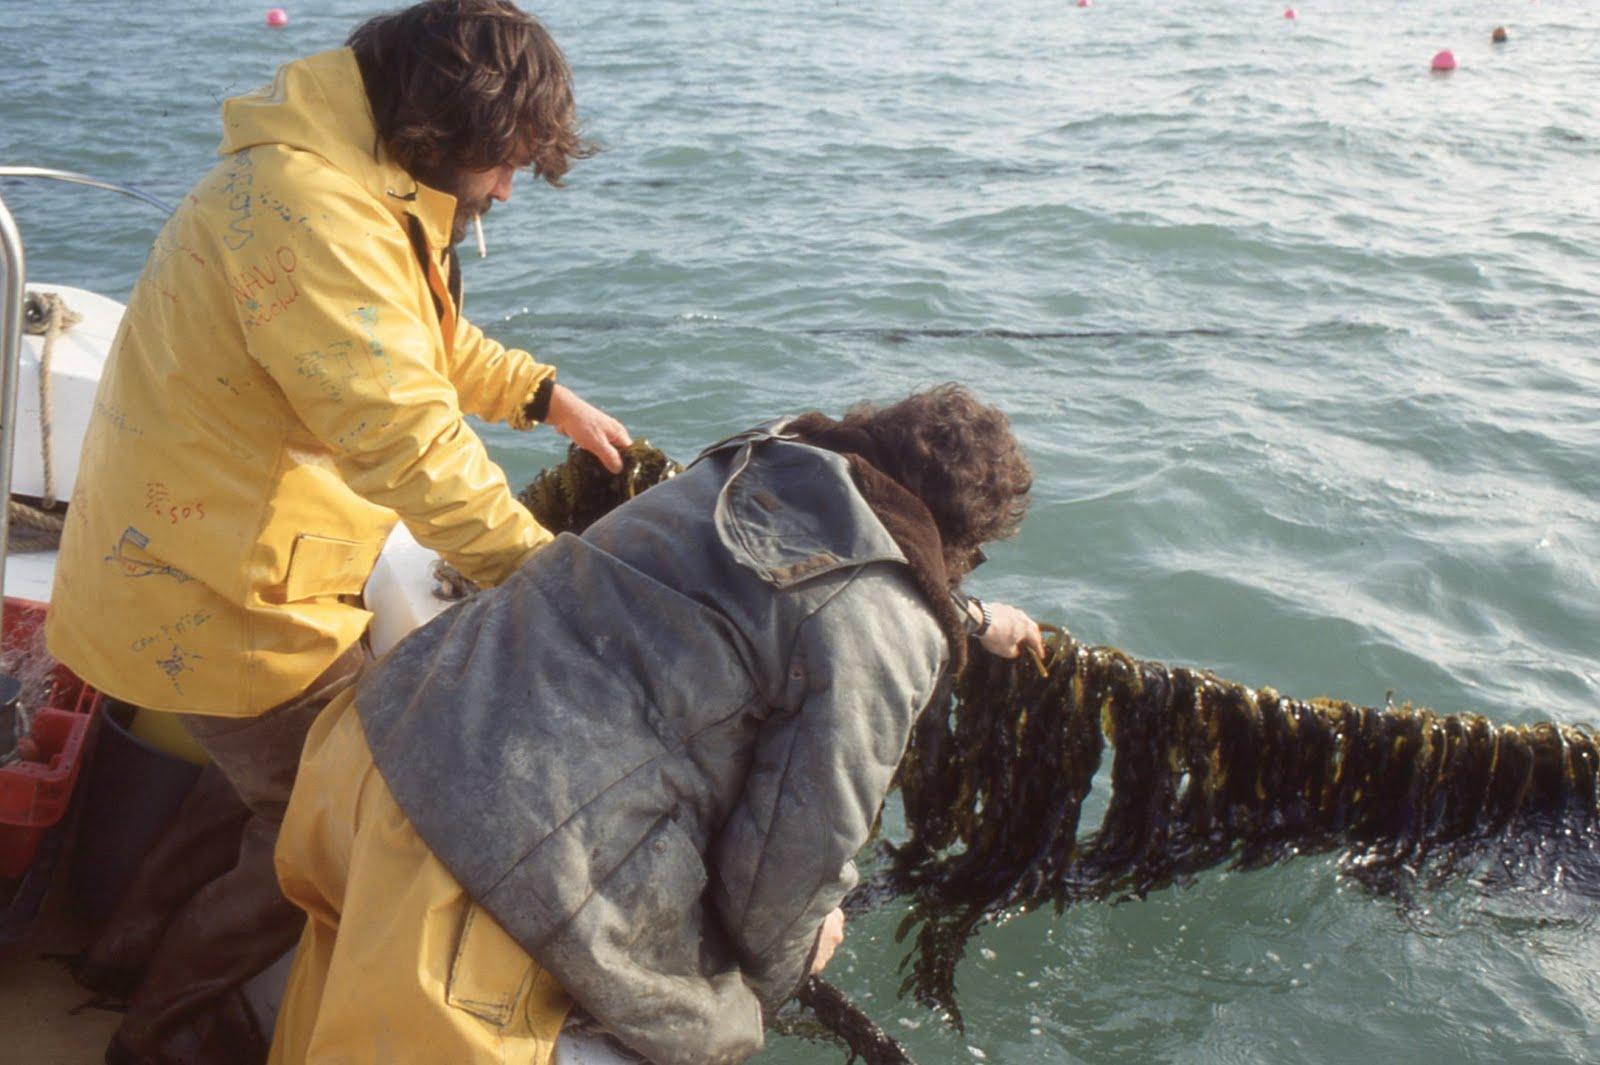 Whole Lotta poissons datant sites de rencontres pour les éducateurs